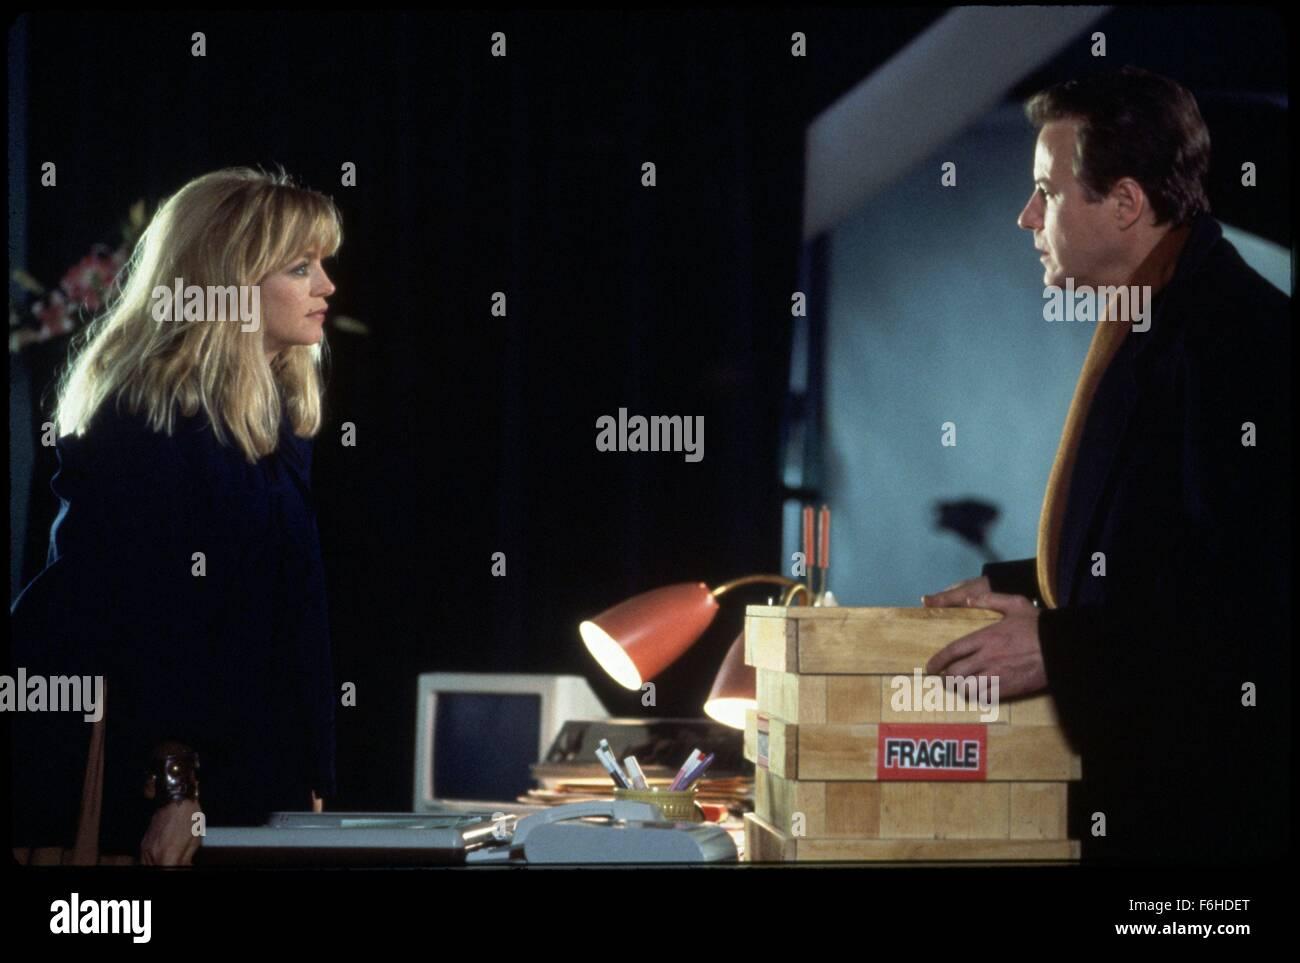 1991, el título de la película: engañados, Director: DAMIAN HARRIS, Estudio: Touchstone: Goldie Hawn, Imagen De Stock